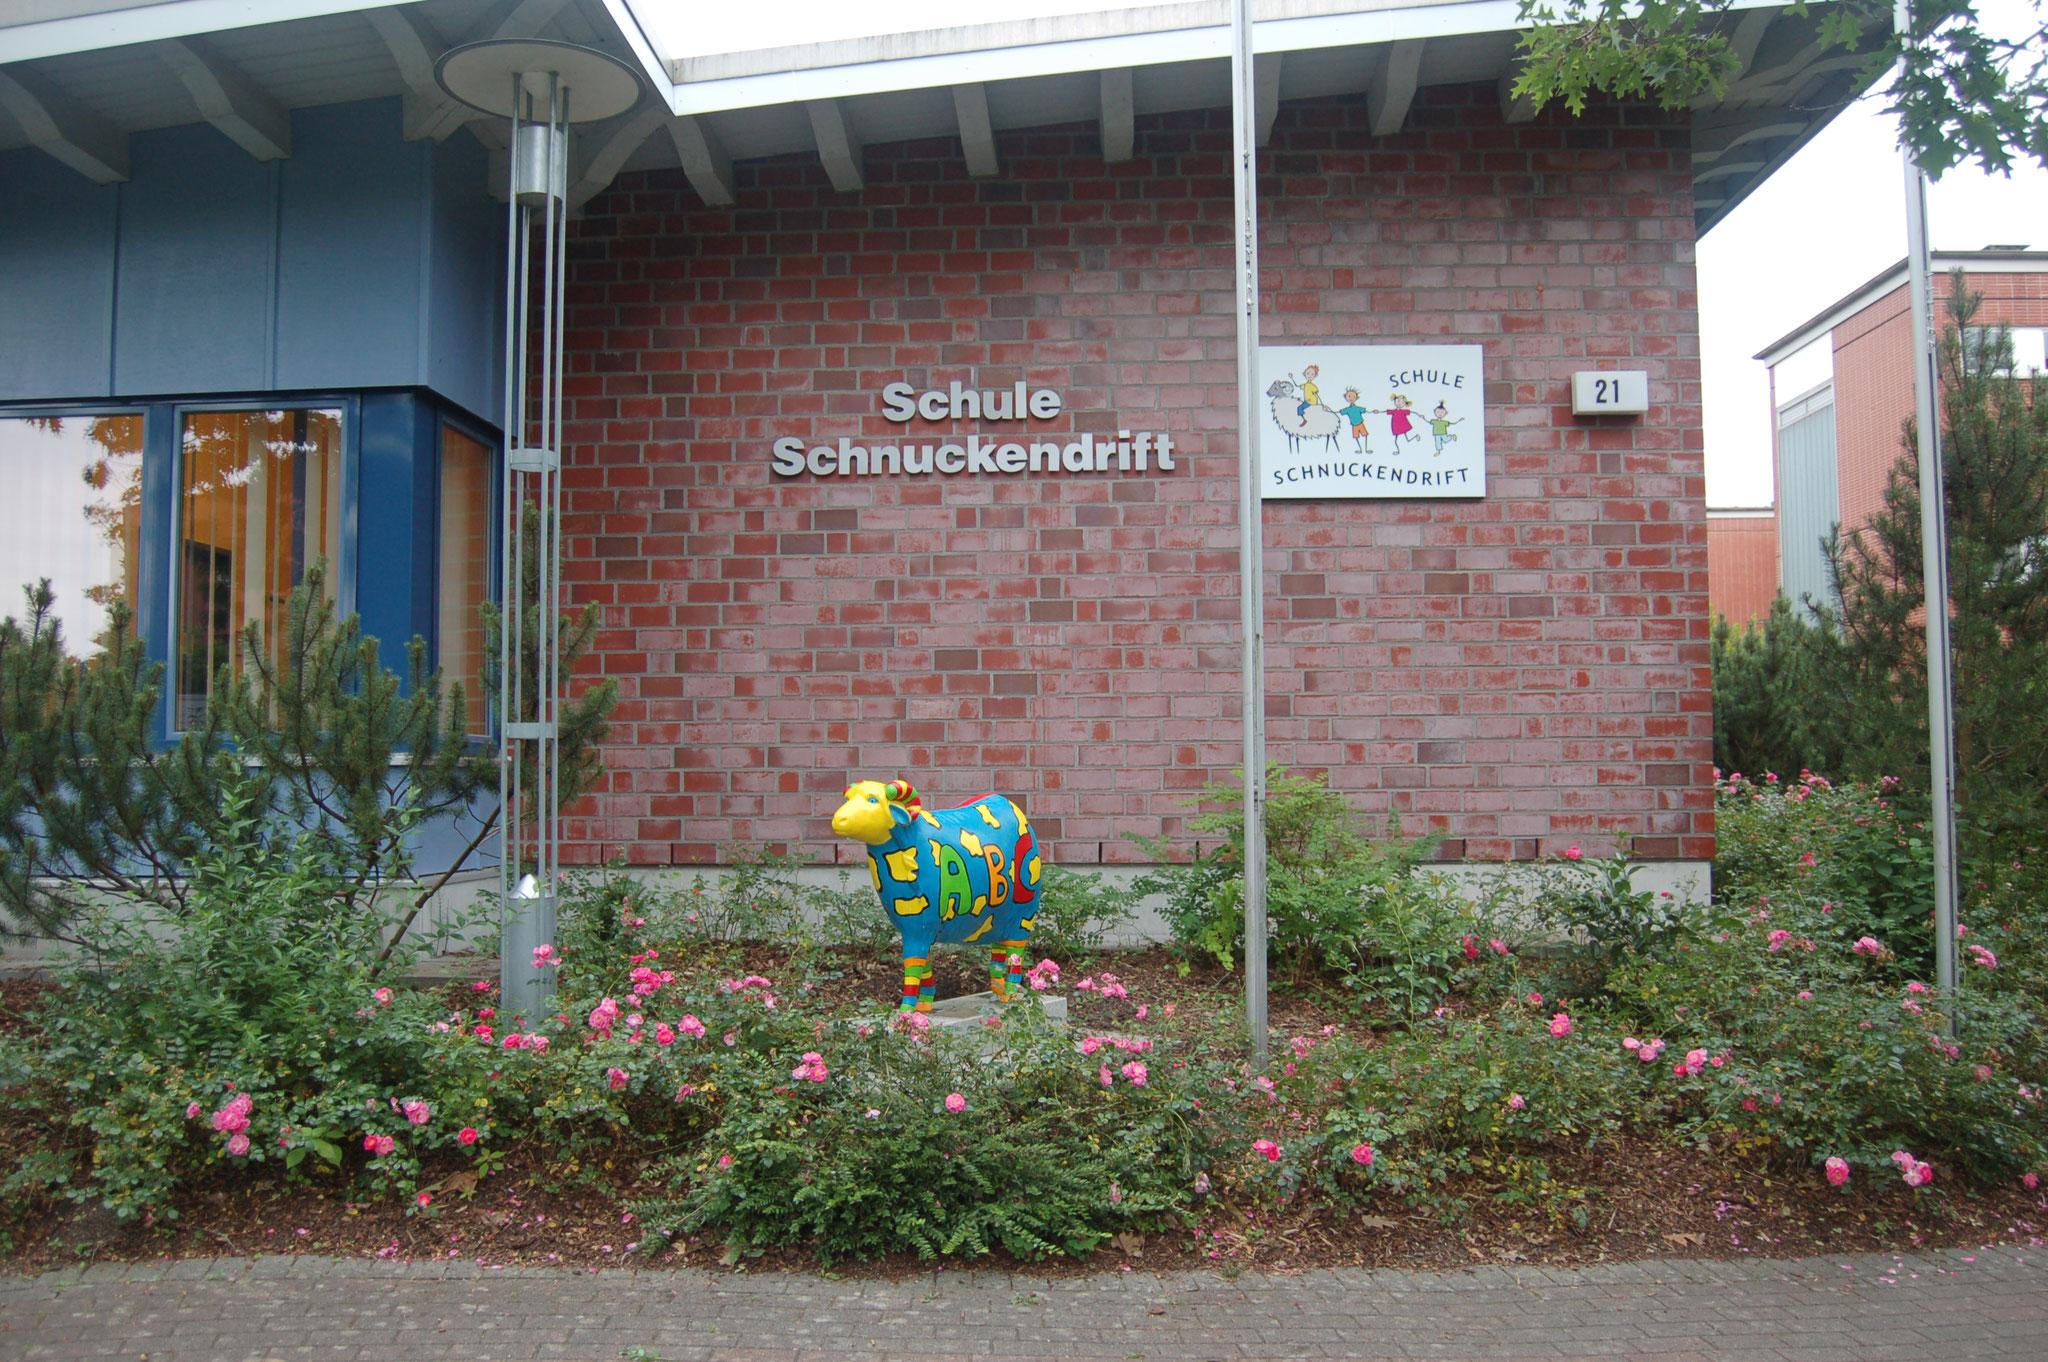 Herzliche Willkommen in der Schule Schnuckendrift